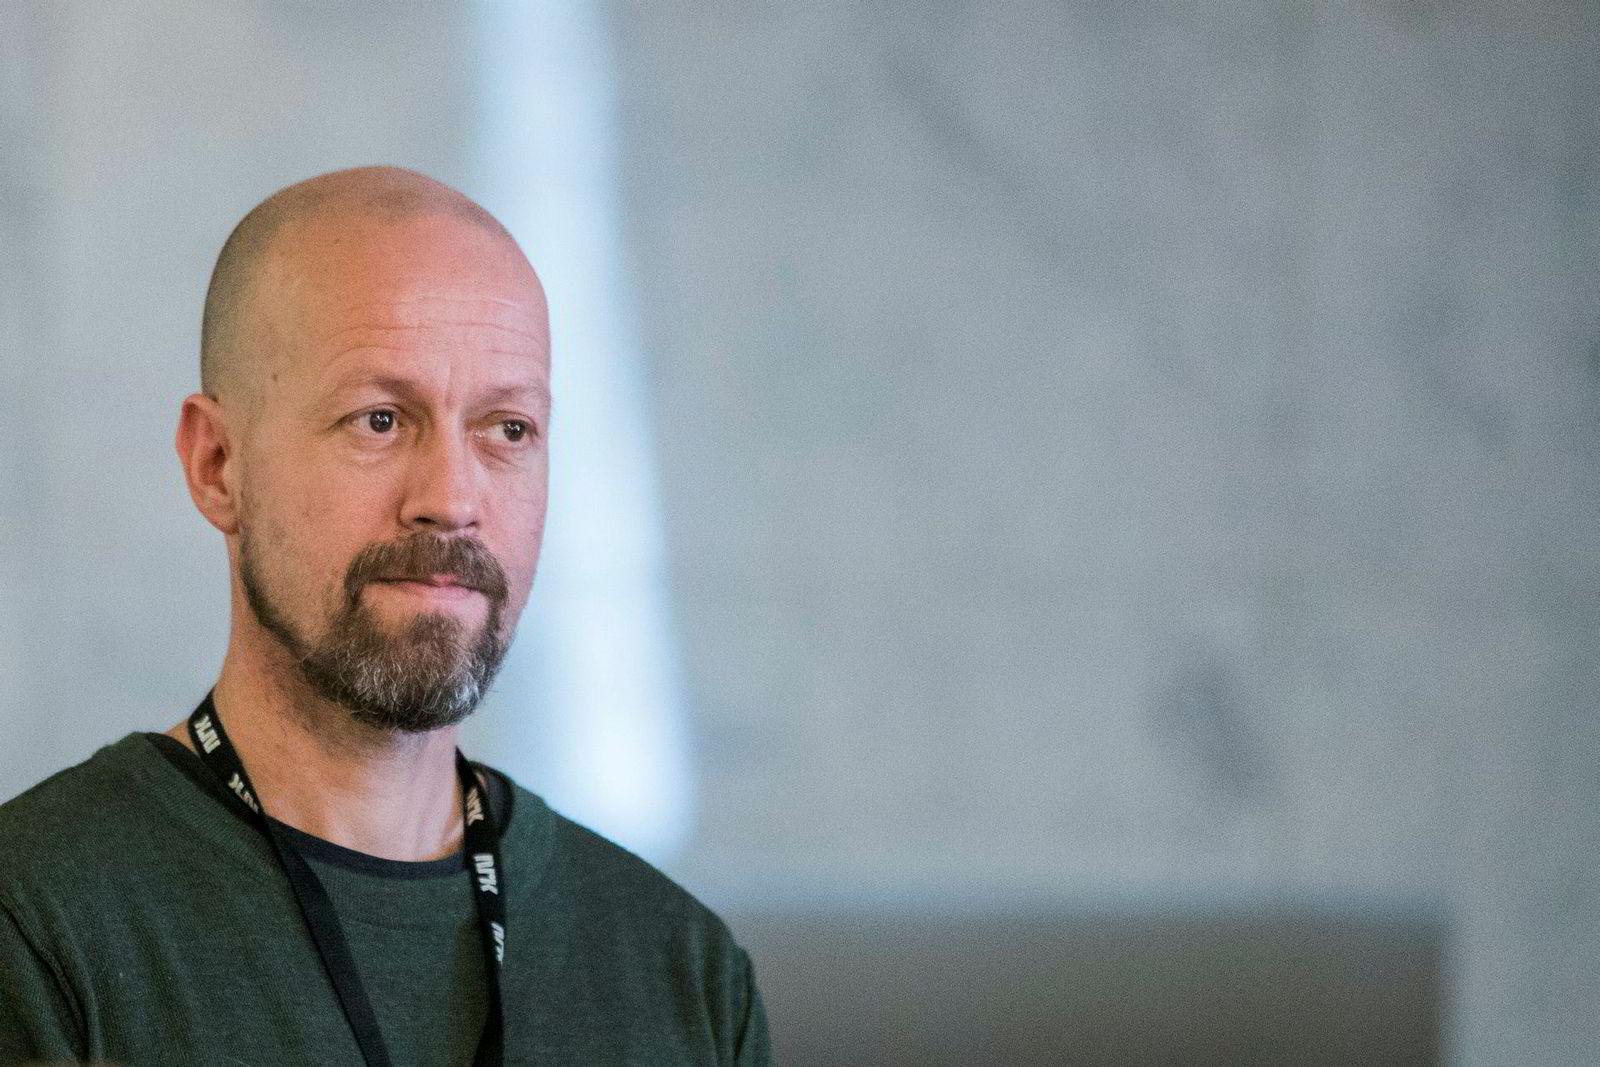 Per Arne Kalbakk ønsker ikke å kommentere om interne diskusjoner i NRK.